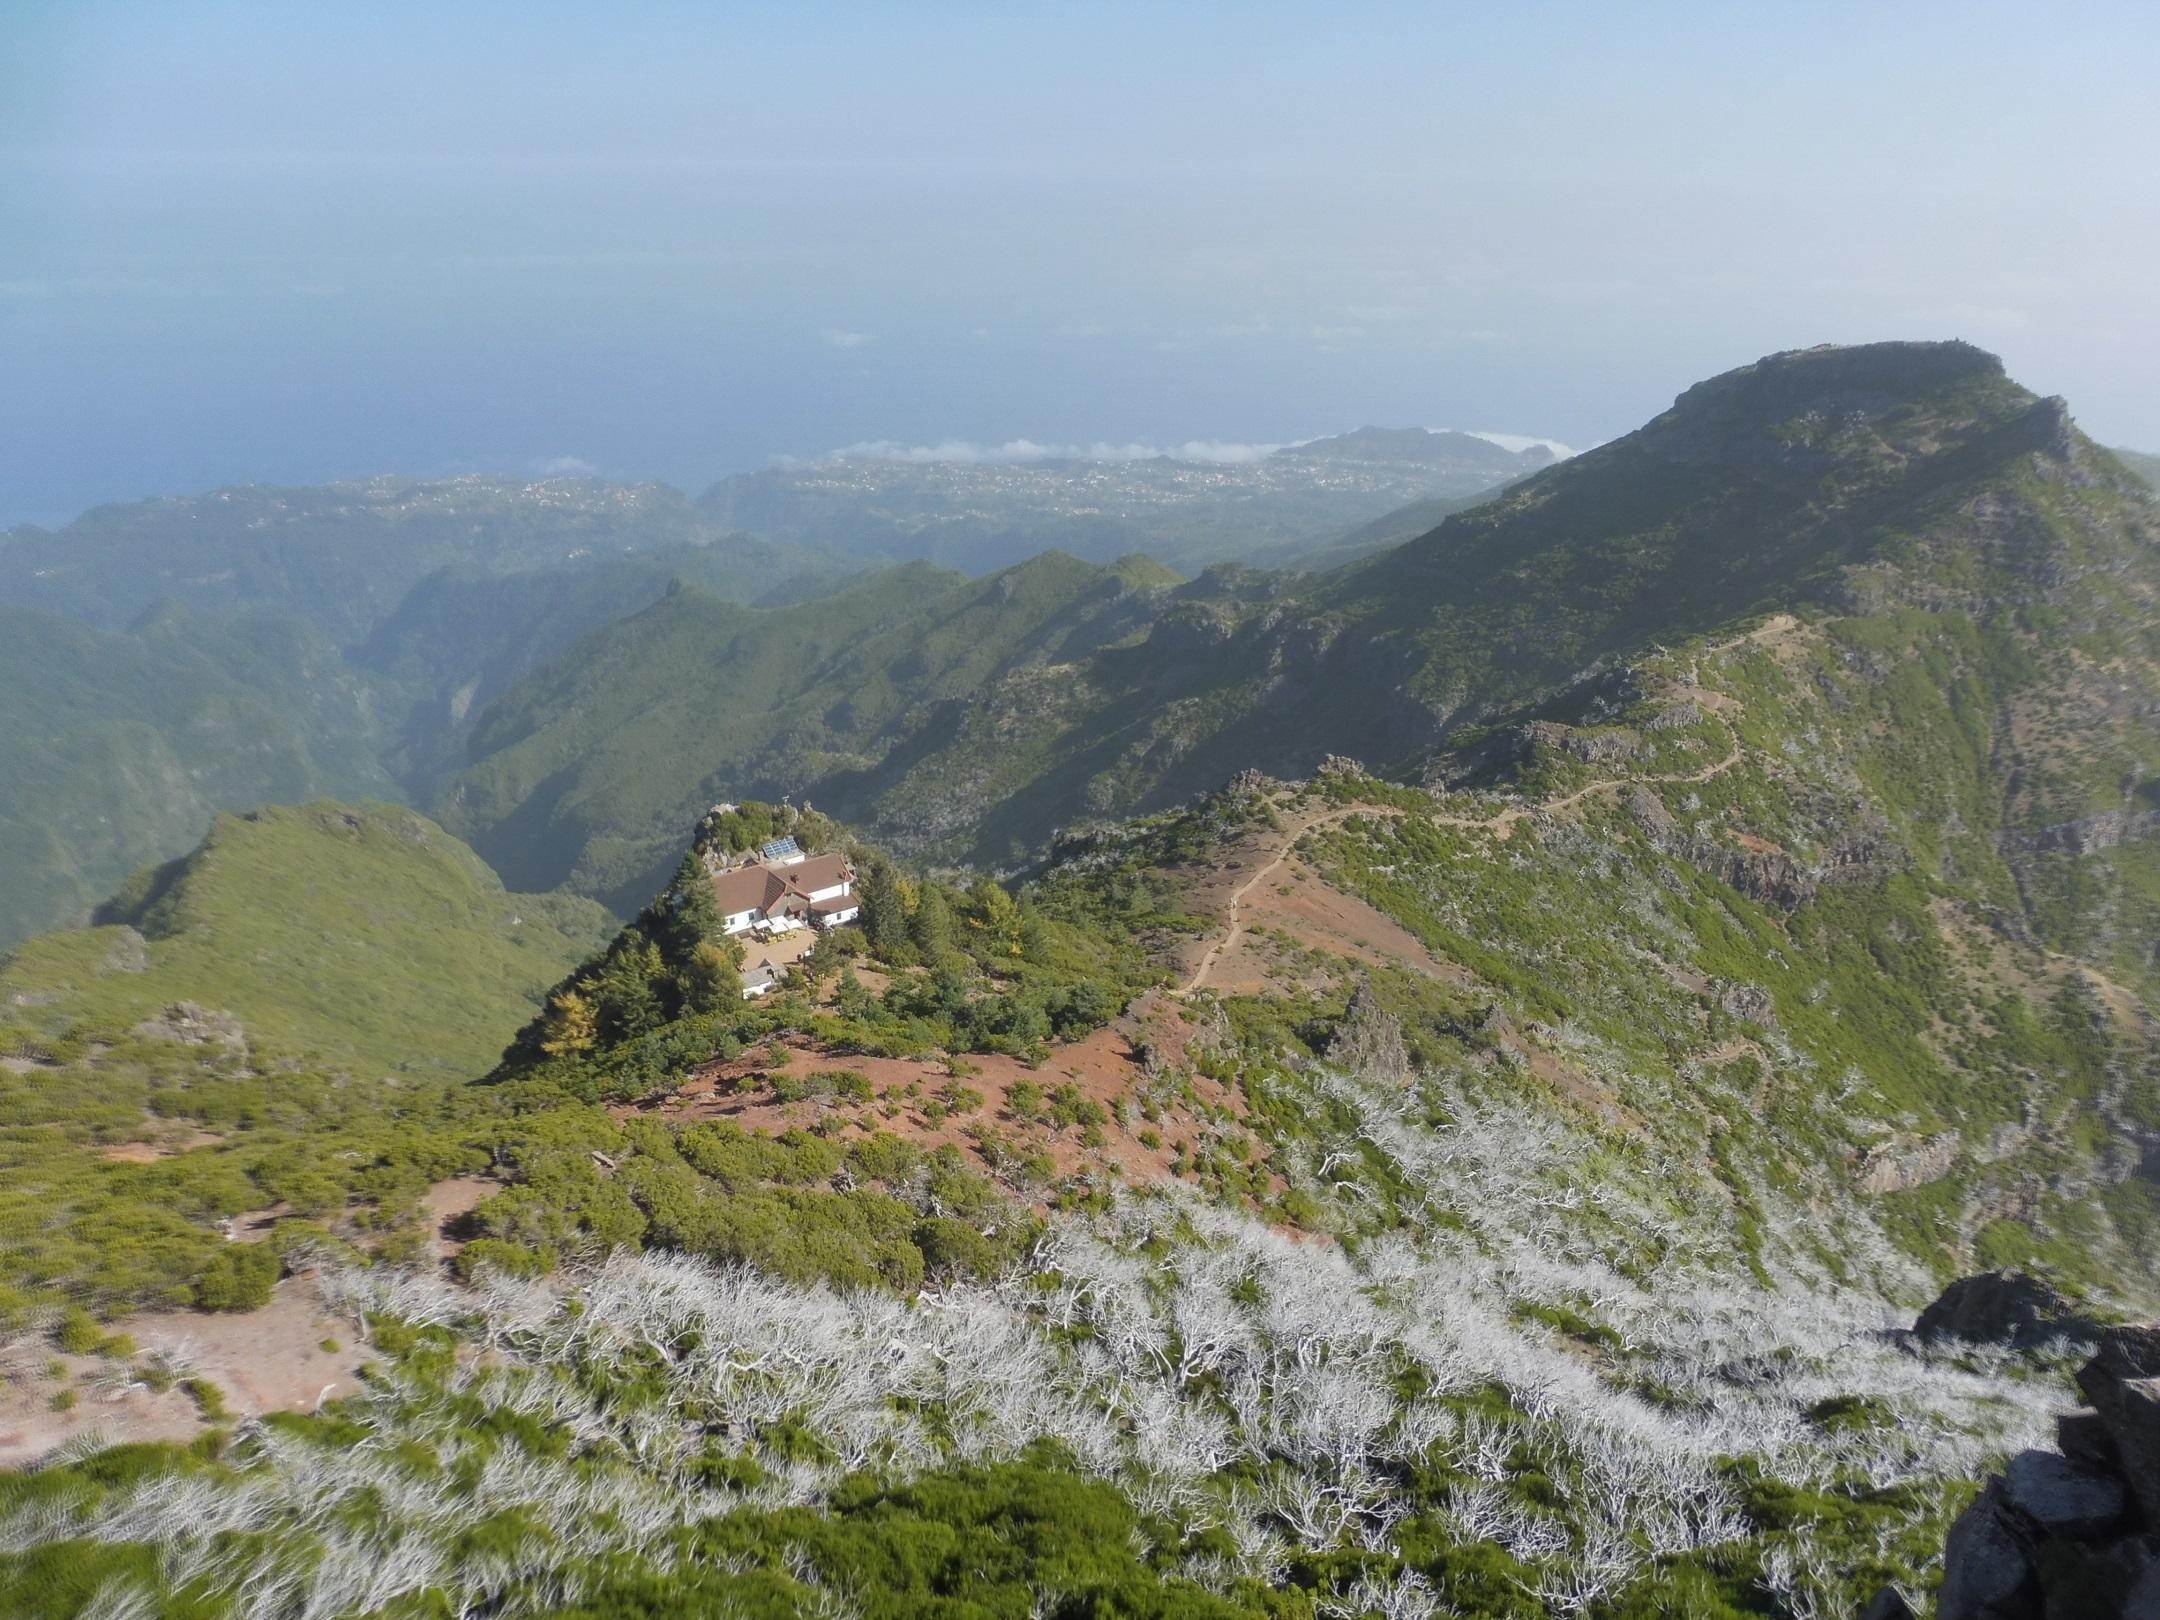 Casa de Abrigo do Pico Ruivo